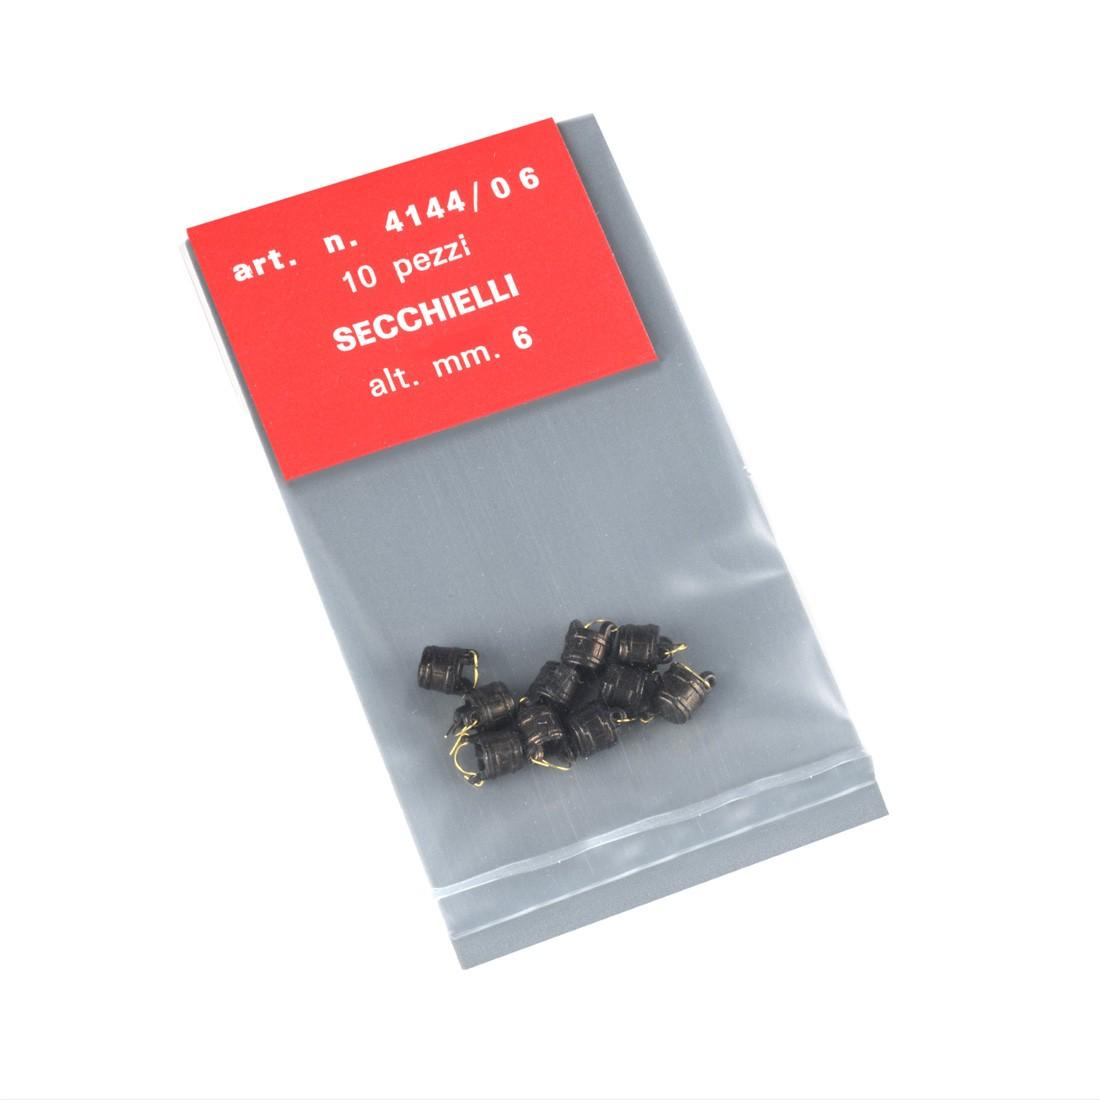 Secchielli mm. 6 con manico